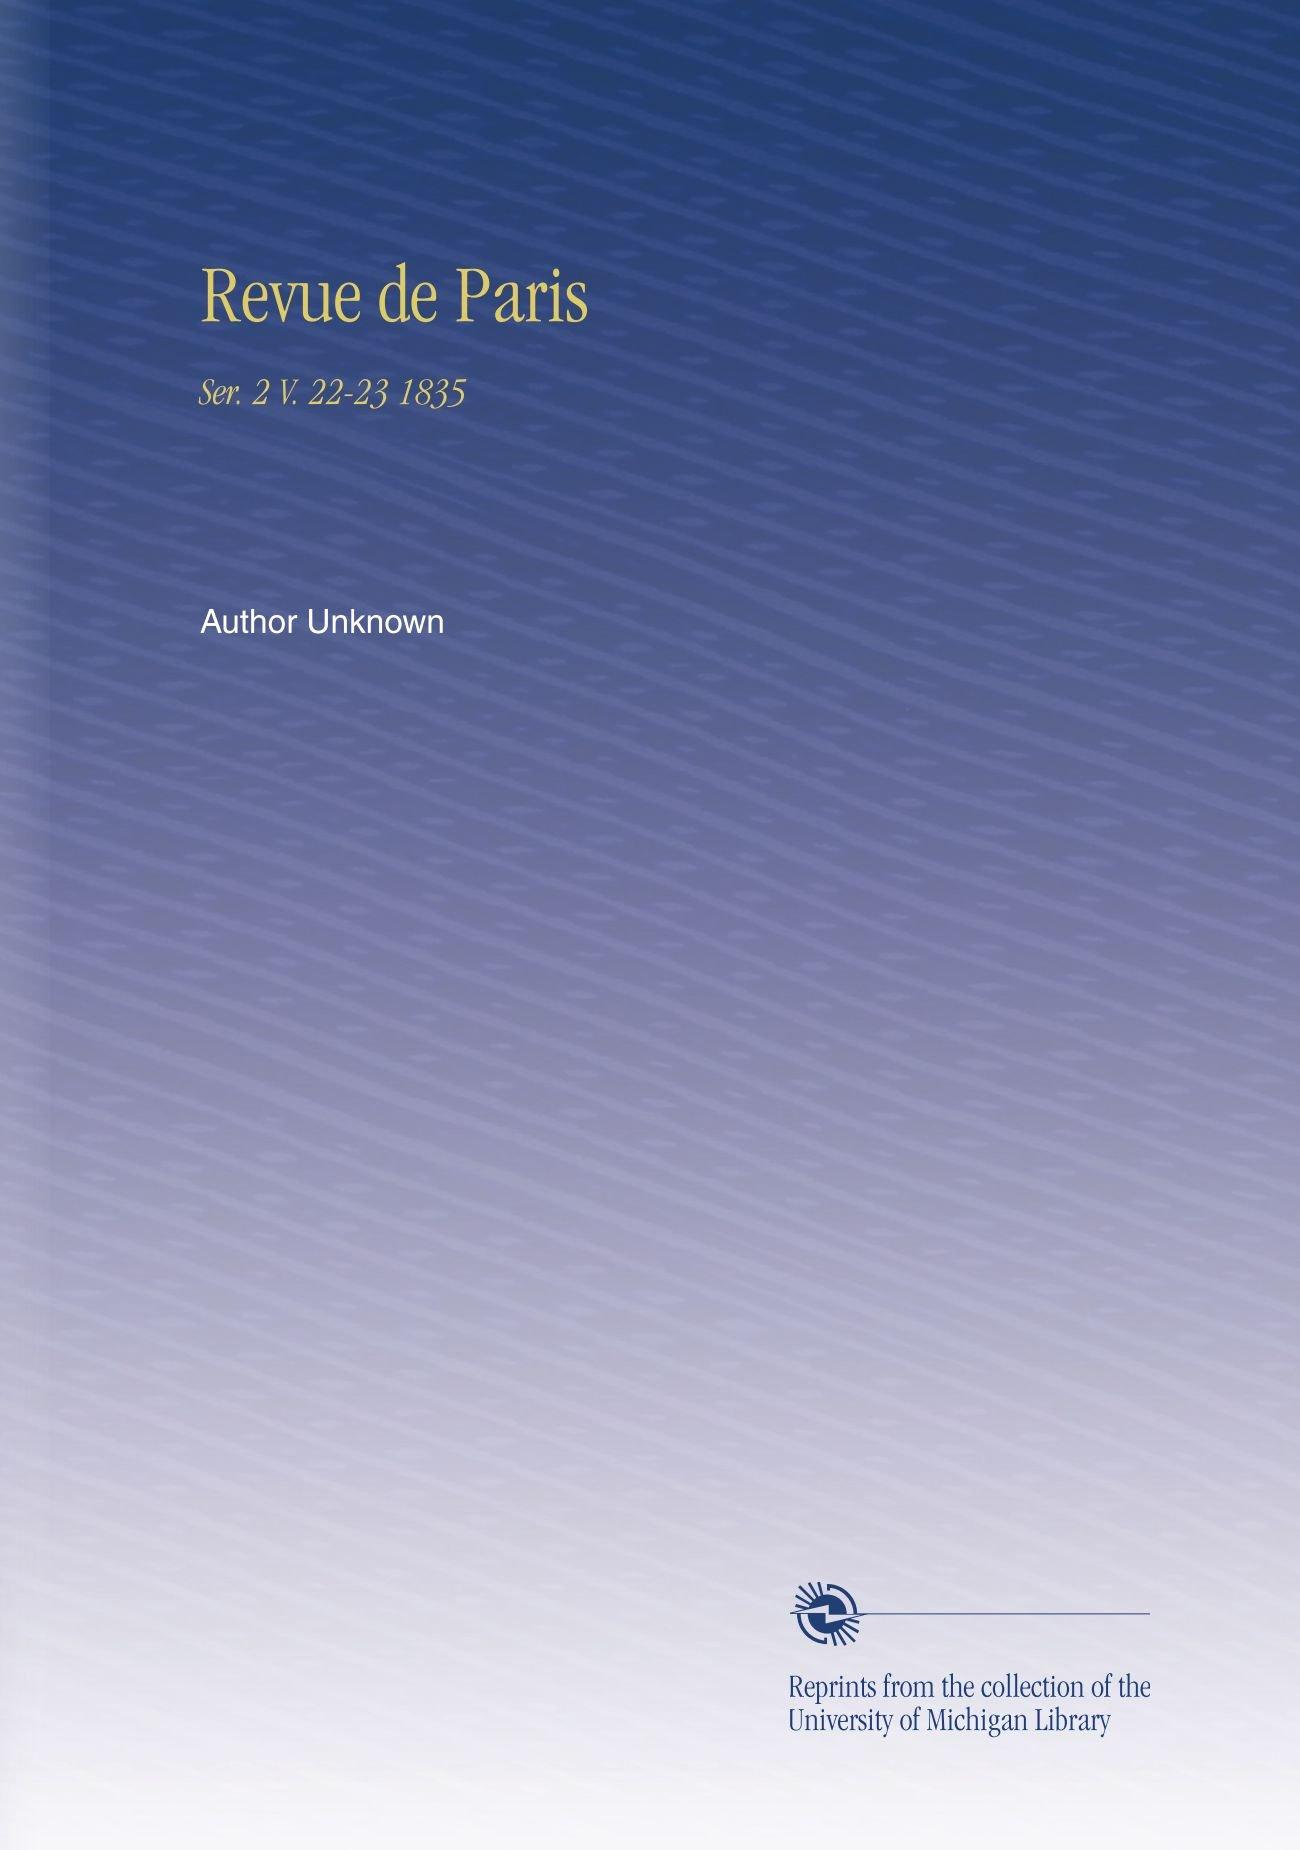 Read Online Revue de Paris: Ser. 2 V. 22-23 1835 (French Edition) pdf